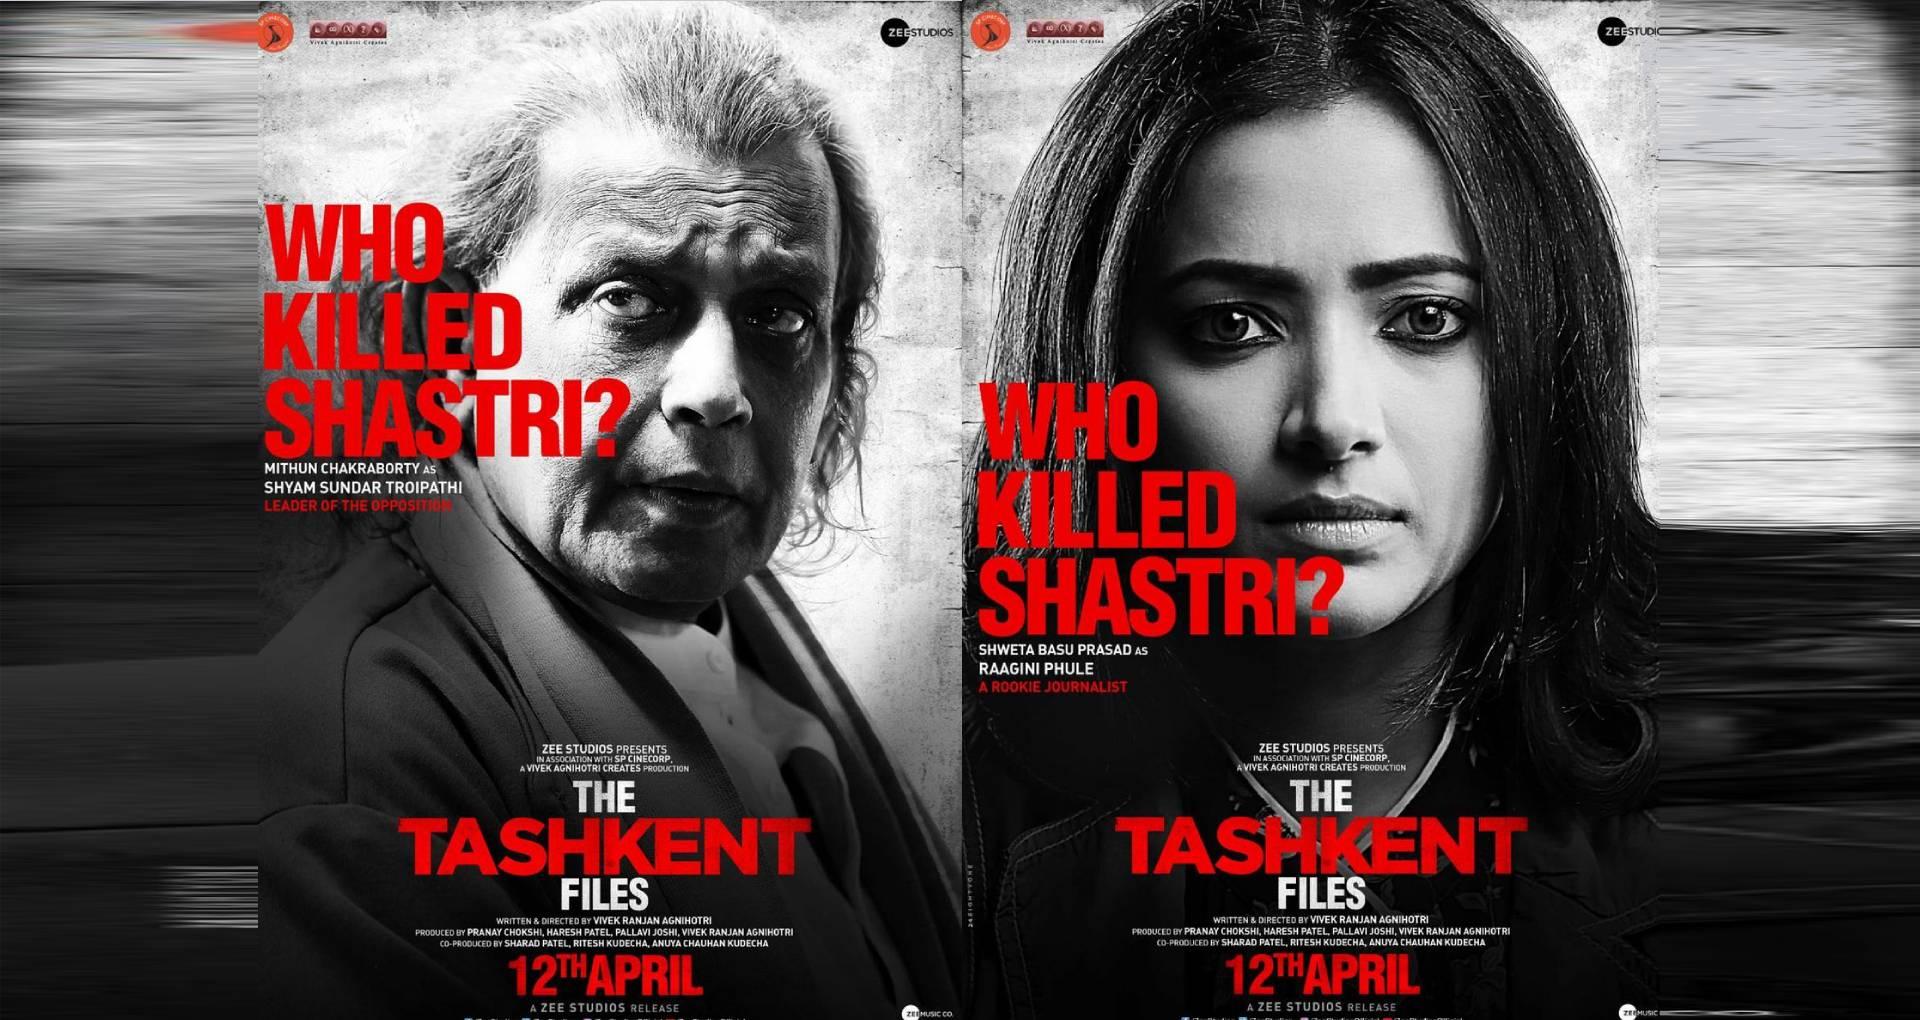 फिल्म द ताशकंद फाइल्स के दो नए पोस्टर हुए जारी, मिथुन चक्रवर्ती और श्वेता बासु के किरदार का हुआ खुलासा